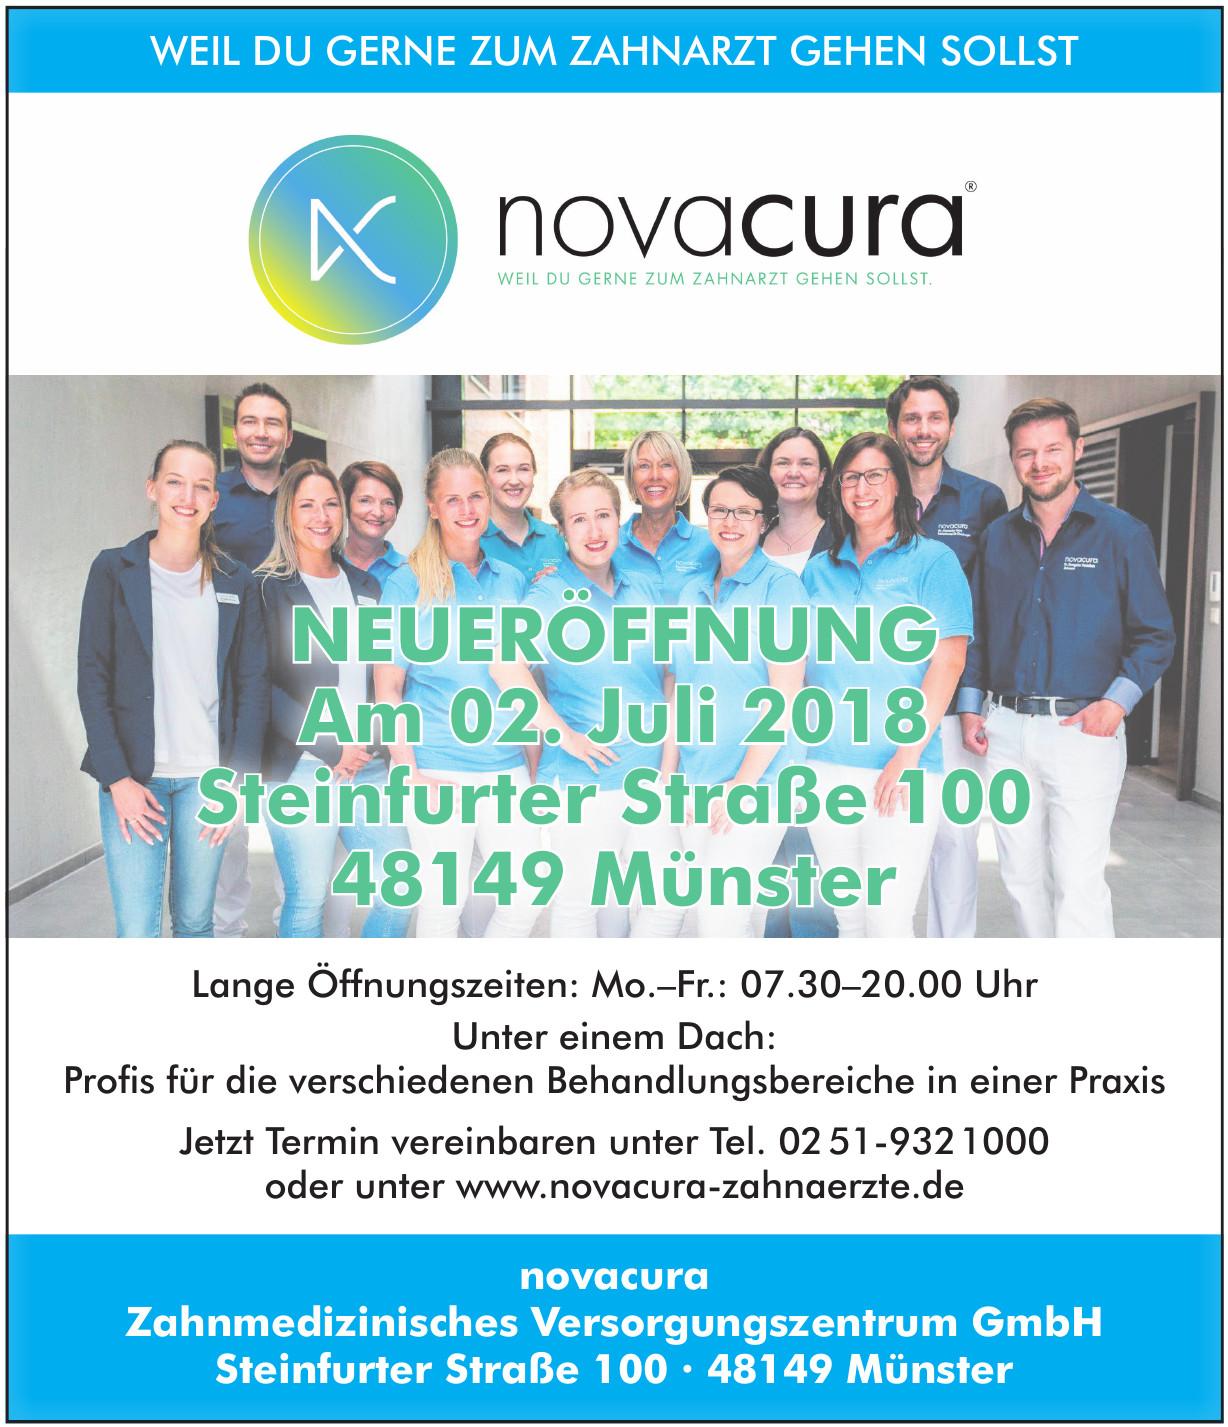 novacura Zahnmedizinisches Versorgungszentrum GmbH